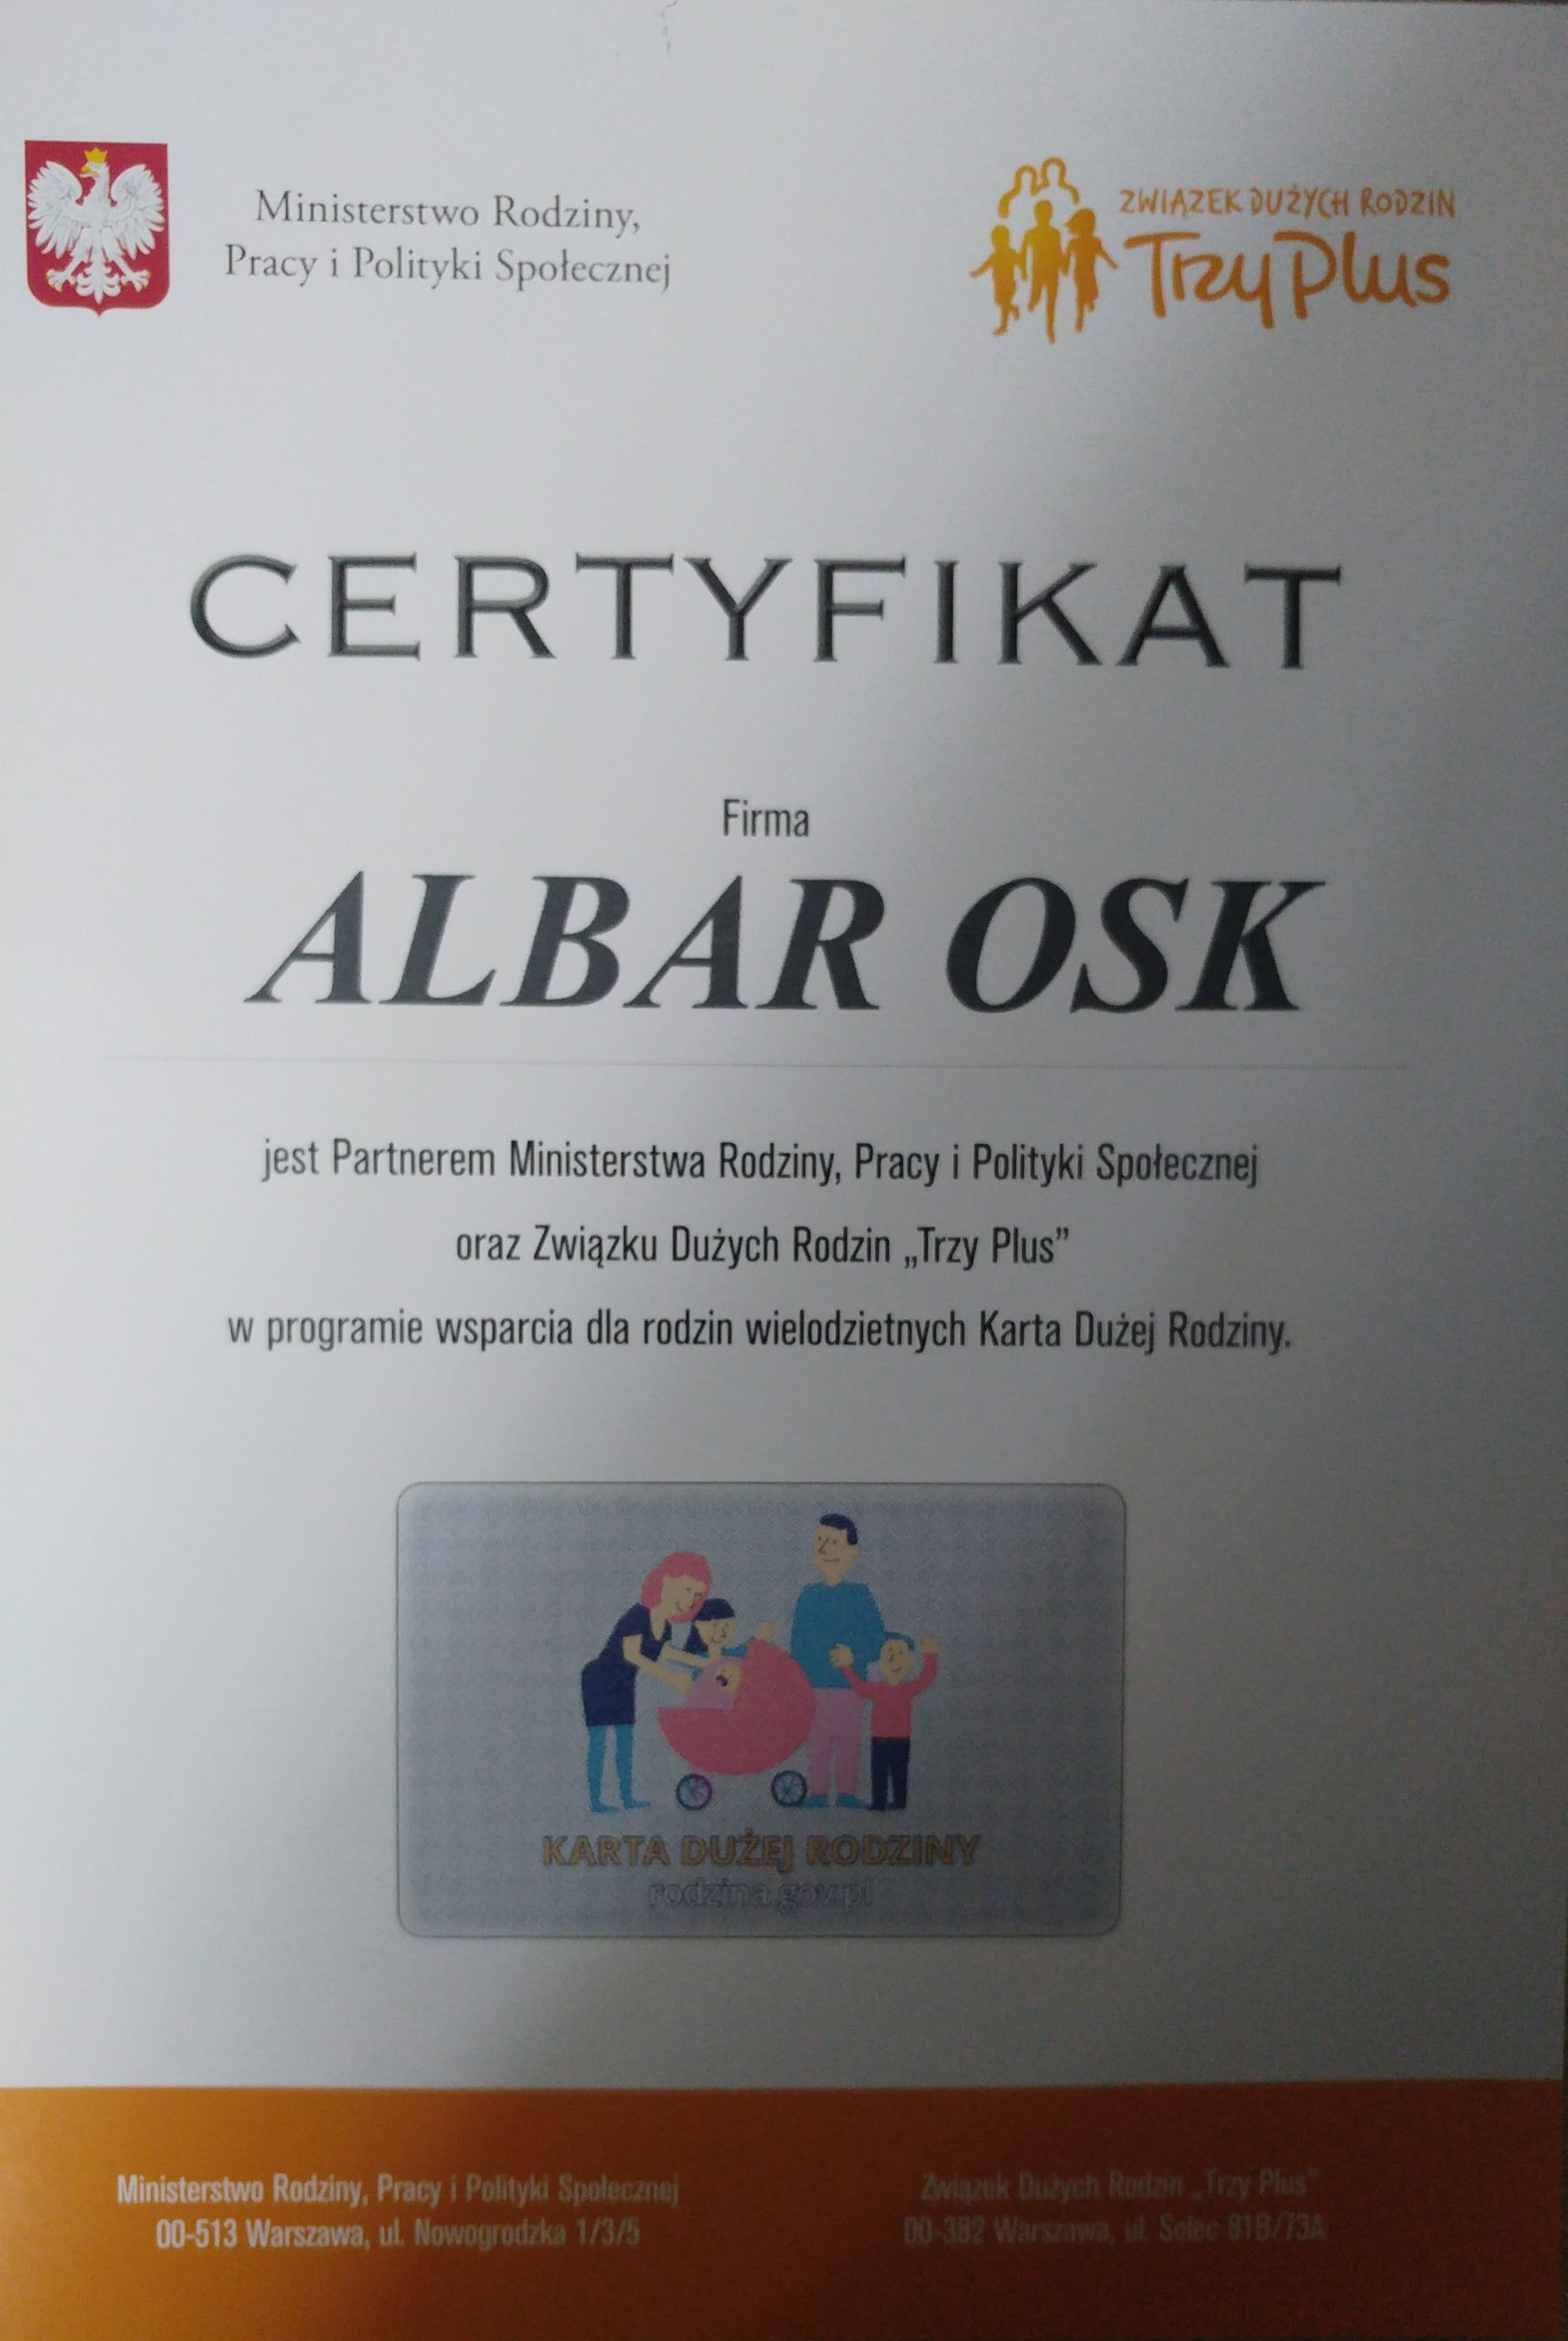 Certyfikat KDR